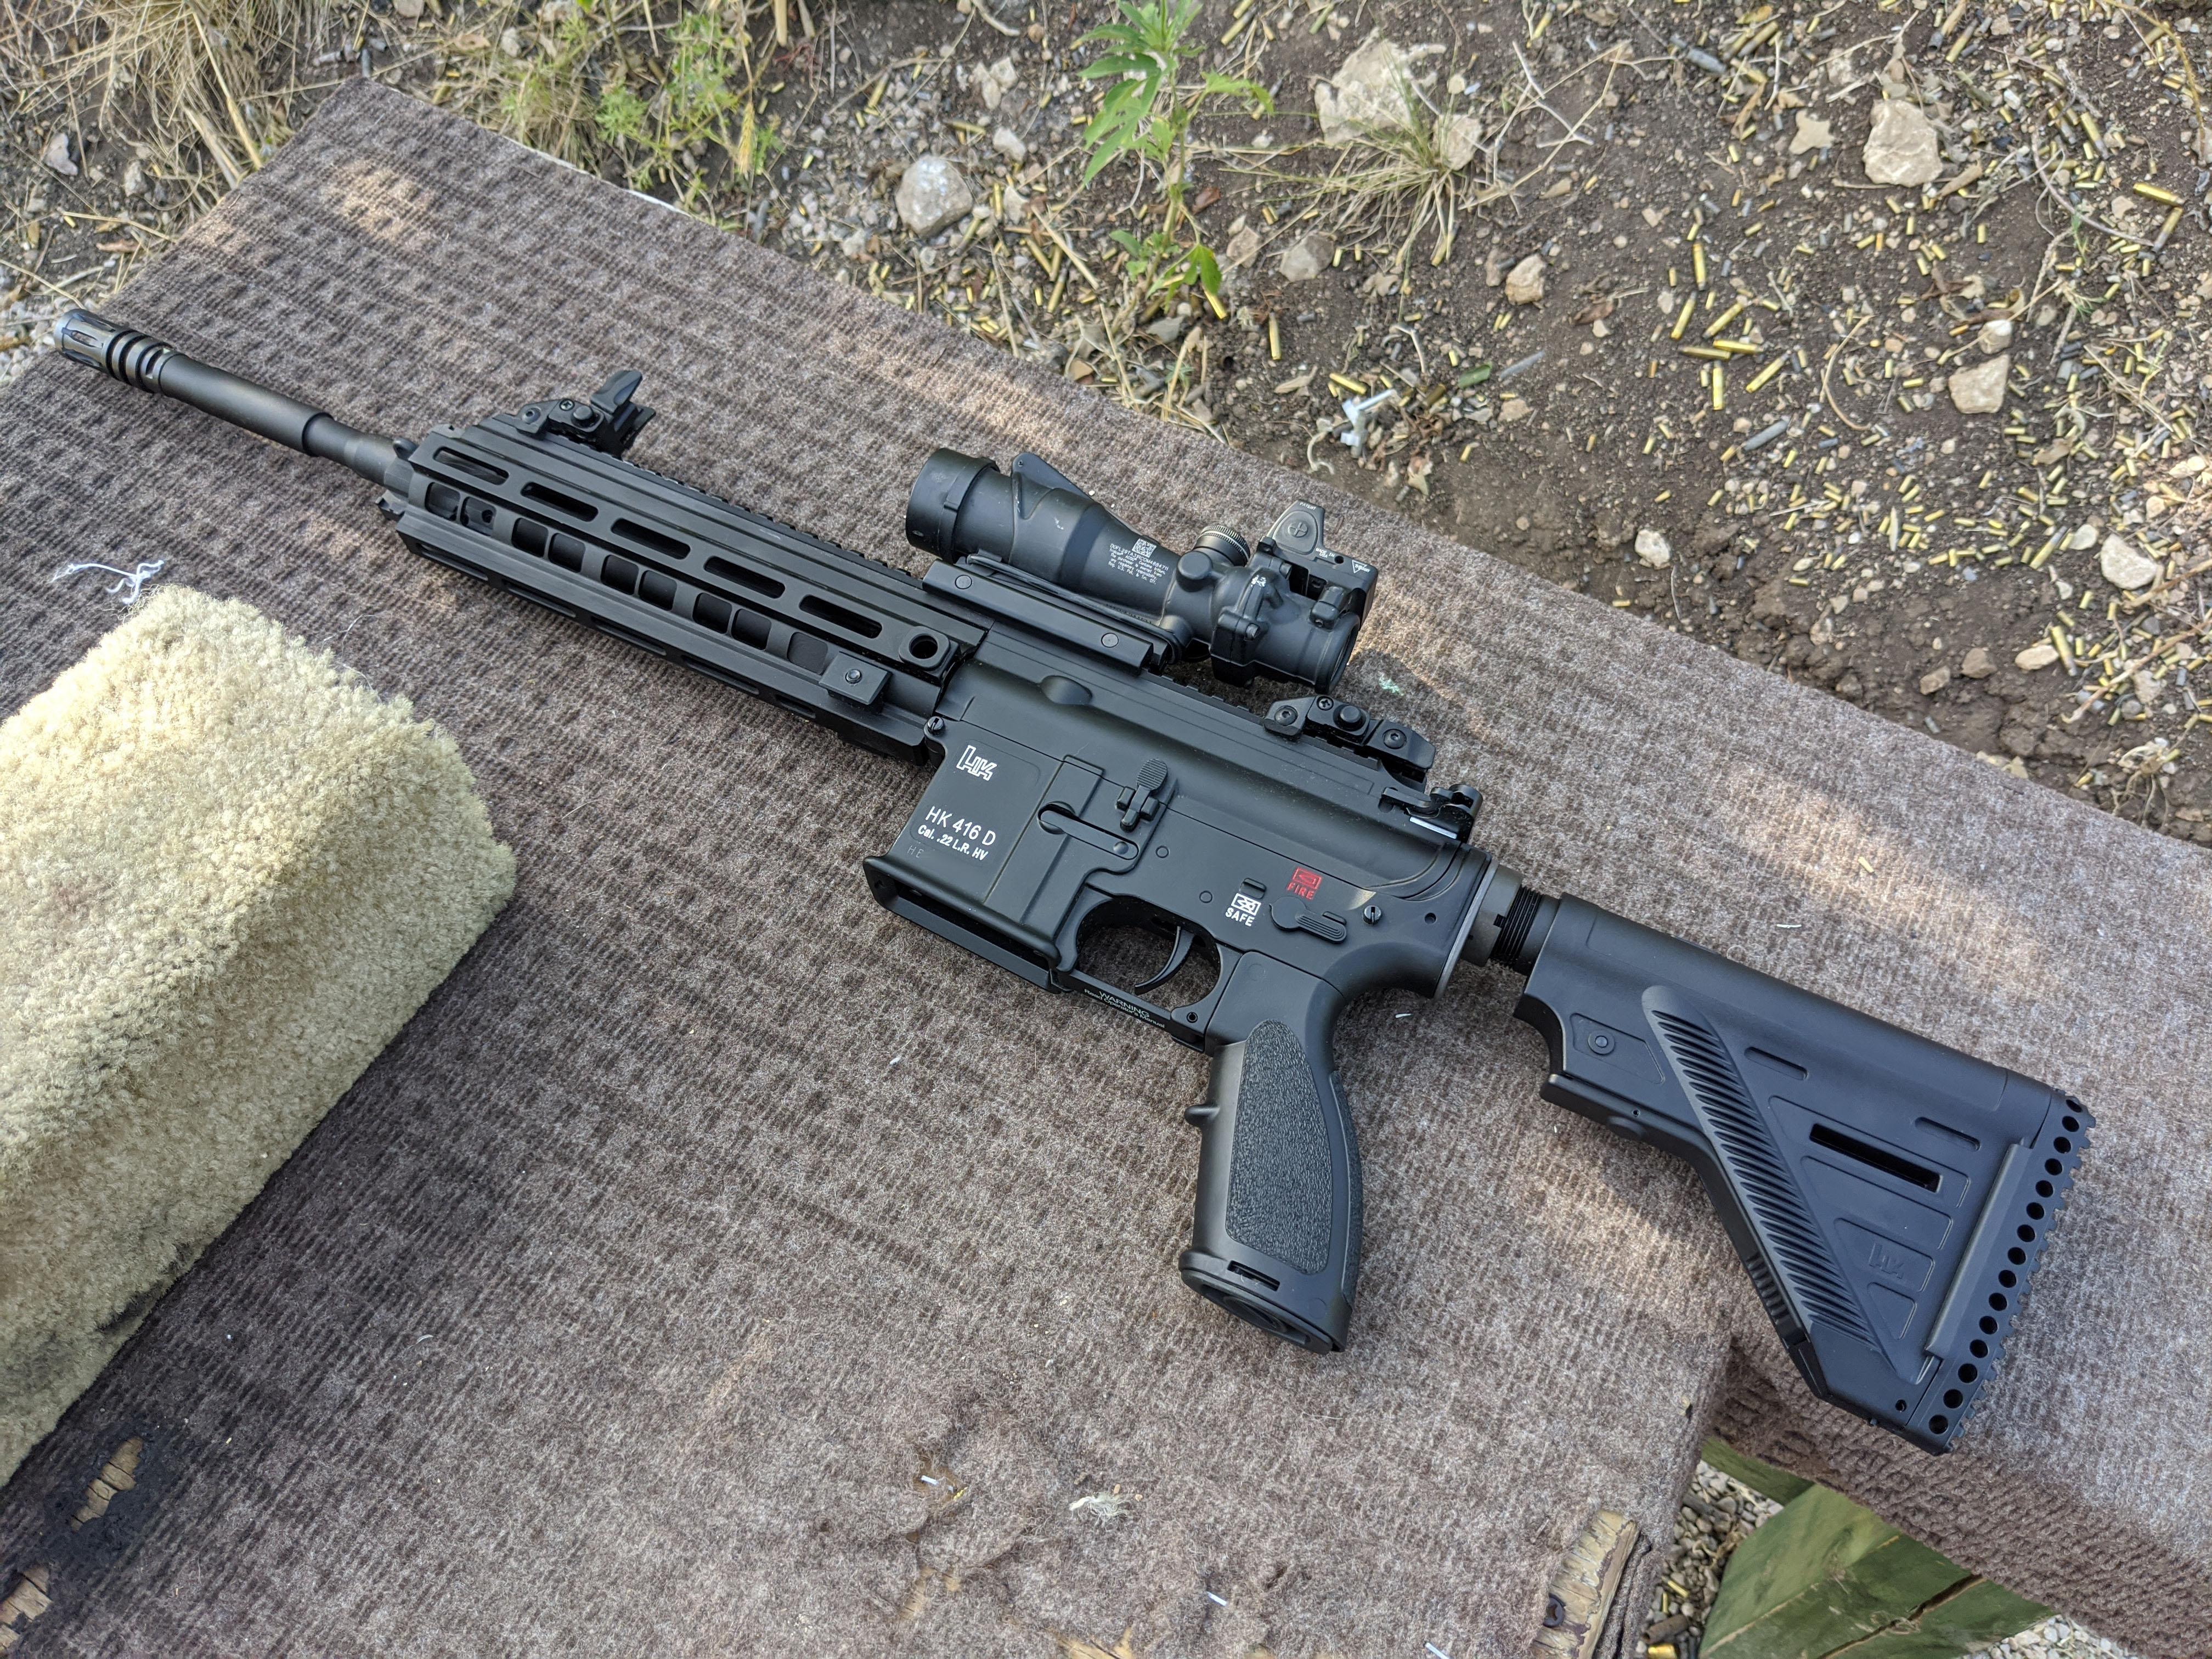 HK 416D First Range Day-img_20200705_092329.jpg